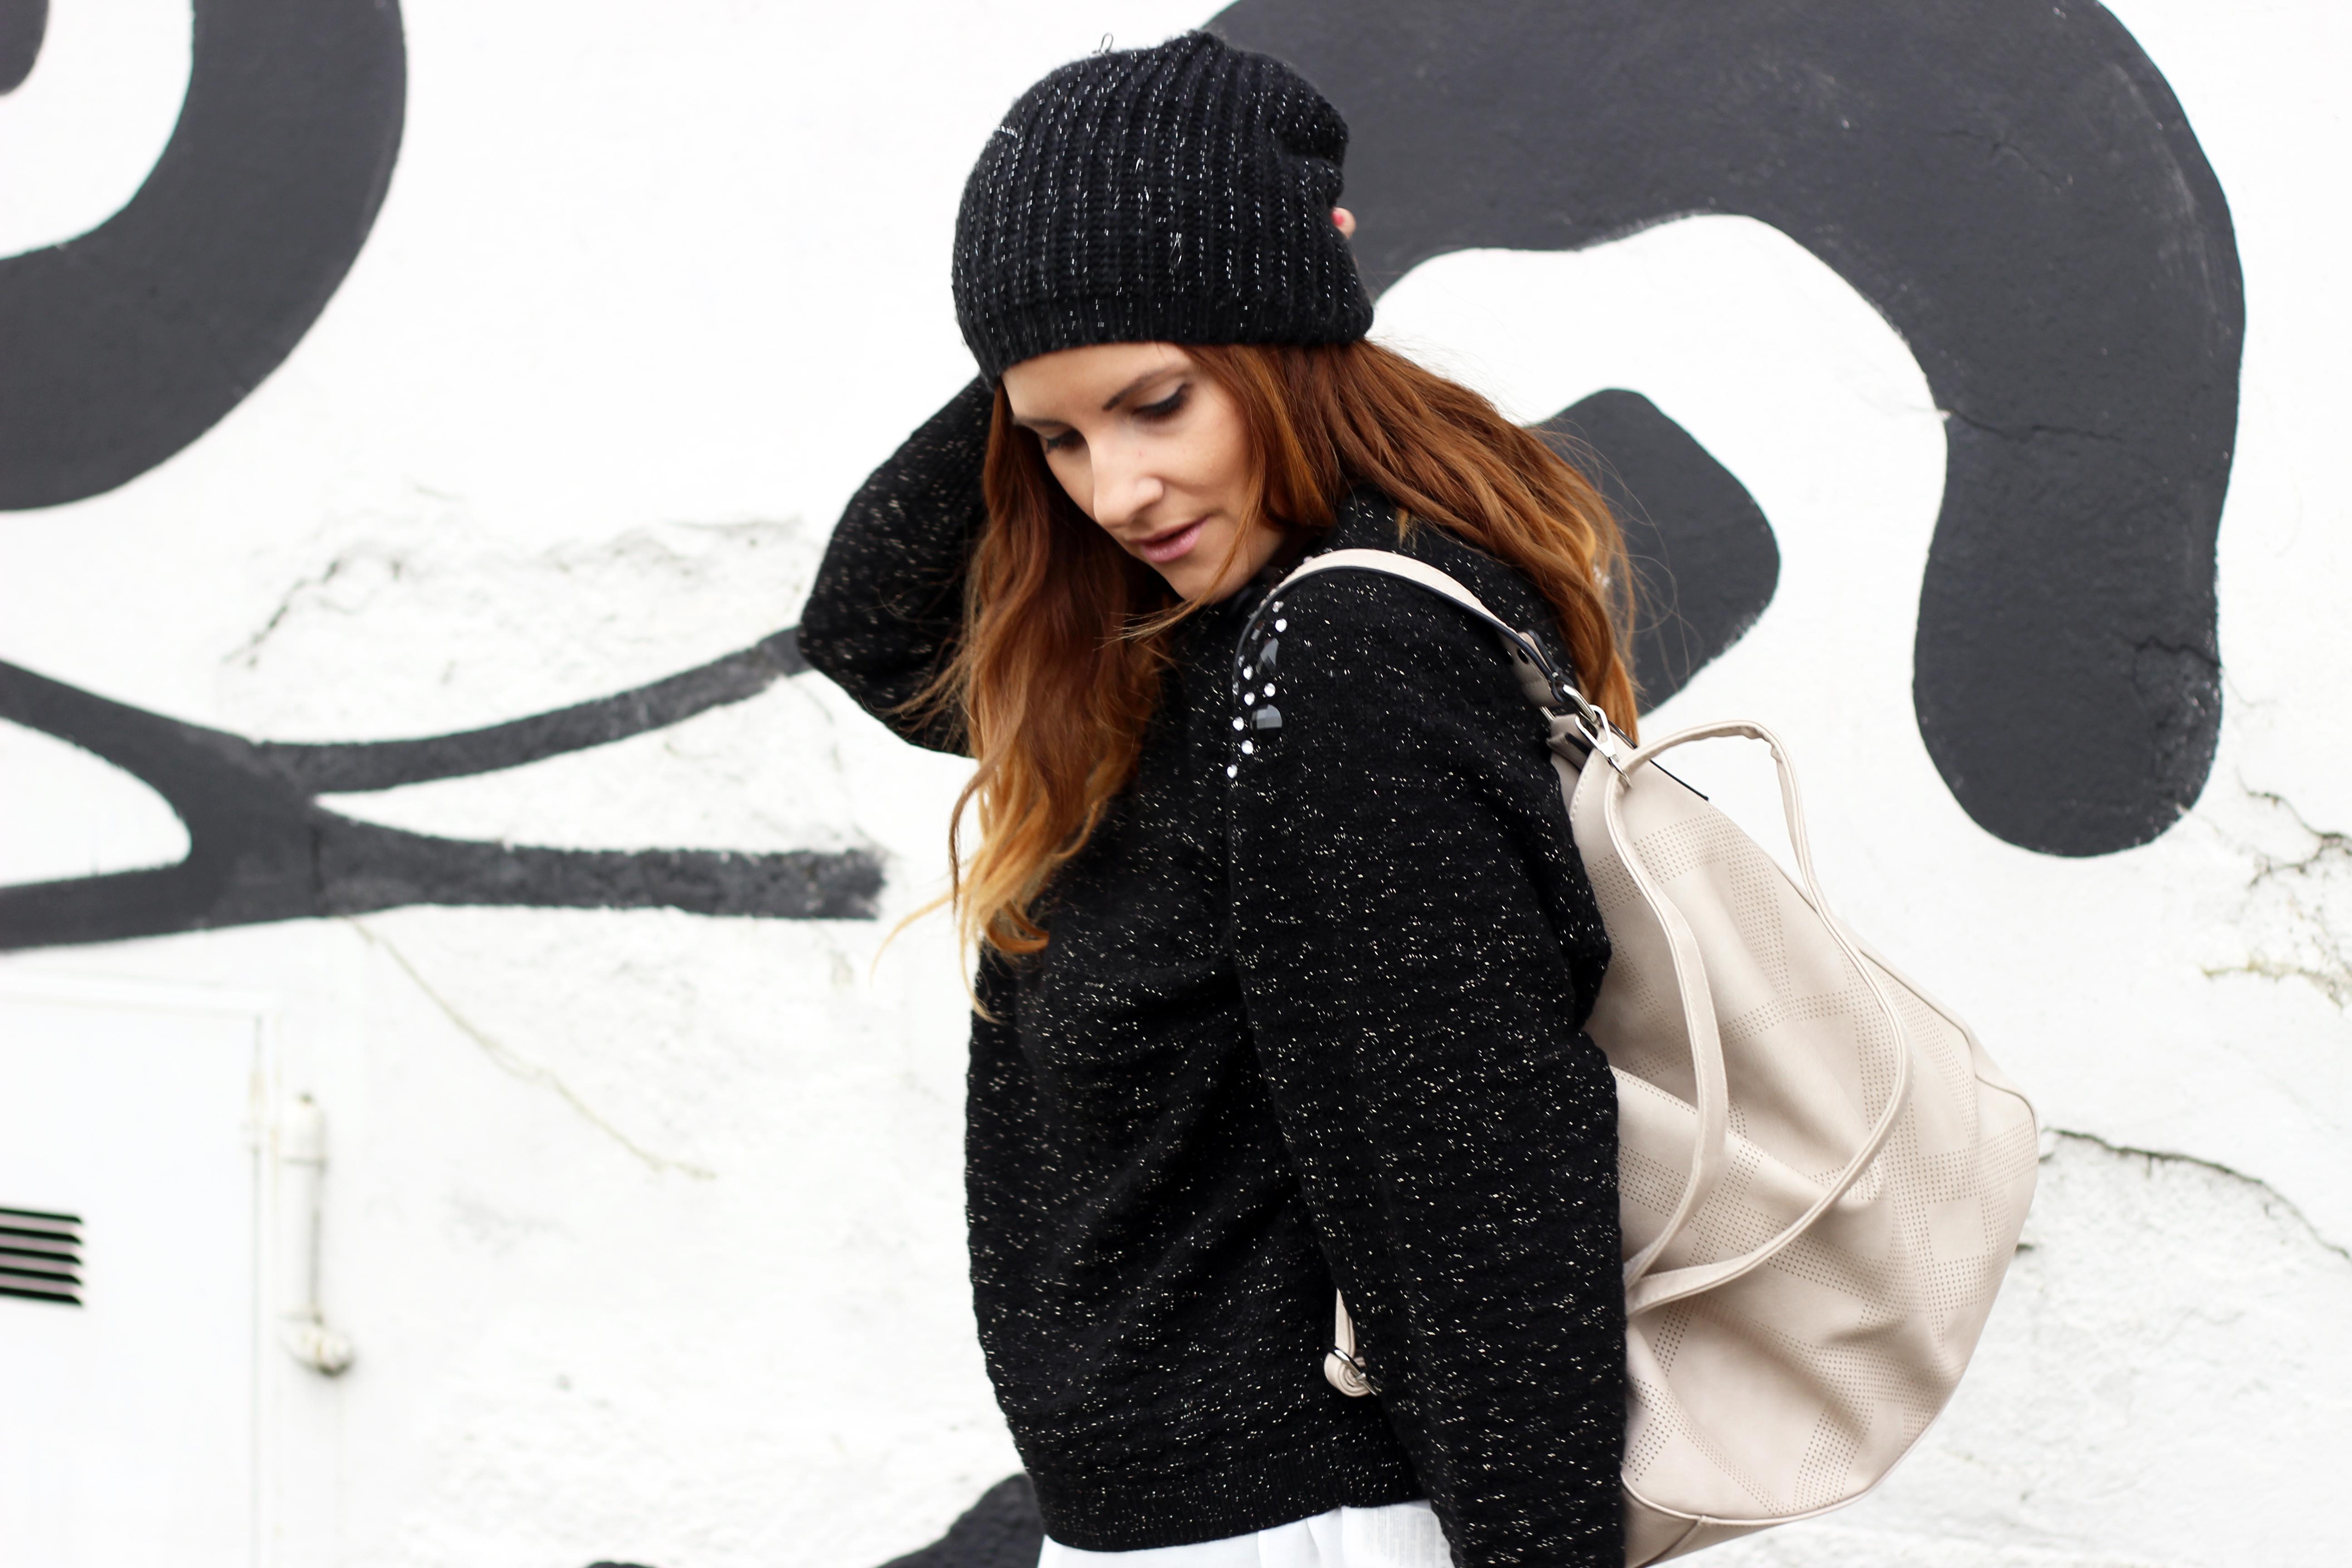 elisabetta bertolini fashion blogger italiane borsa marina galanti fashion blog